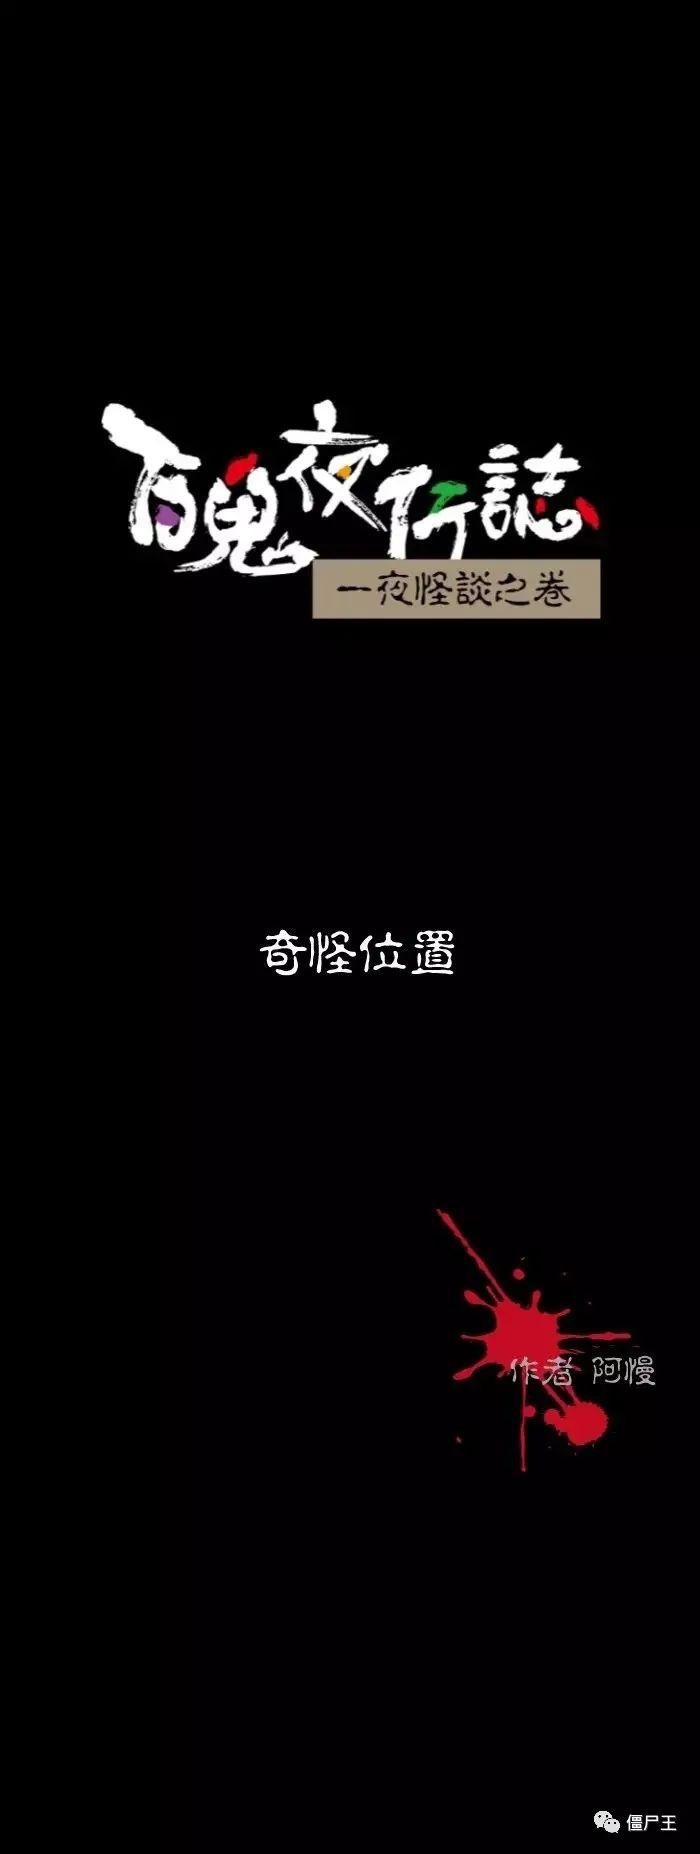 僵尸王漫画:百鬼夜行记之奇怪位置